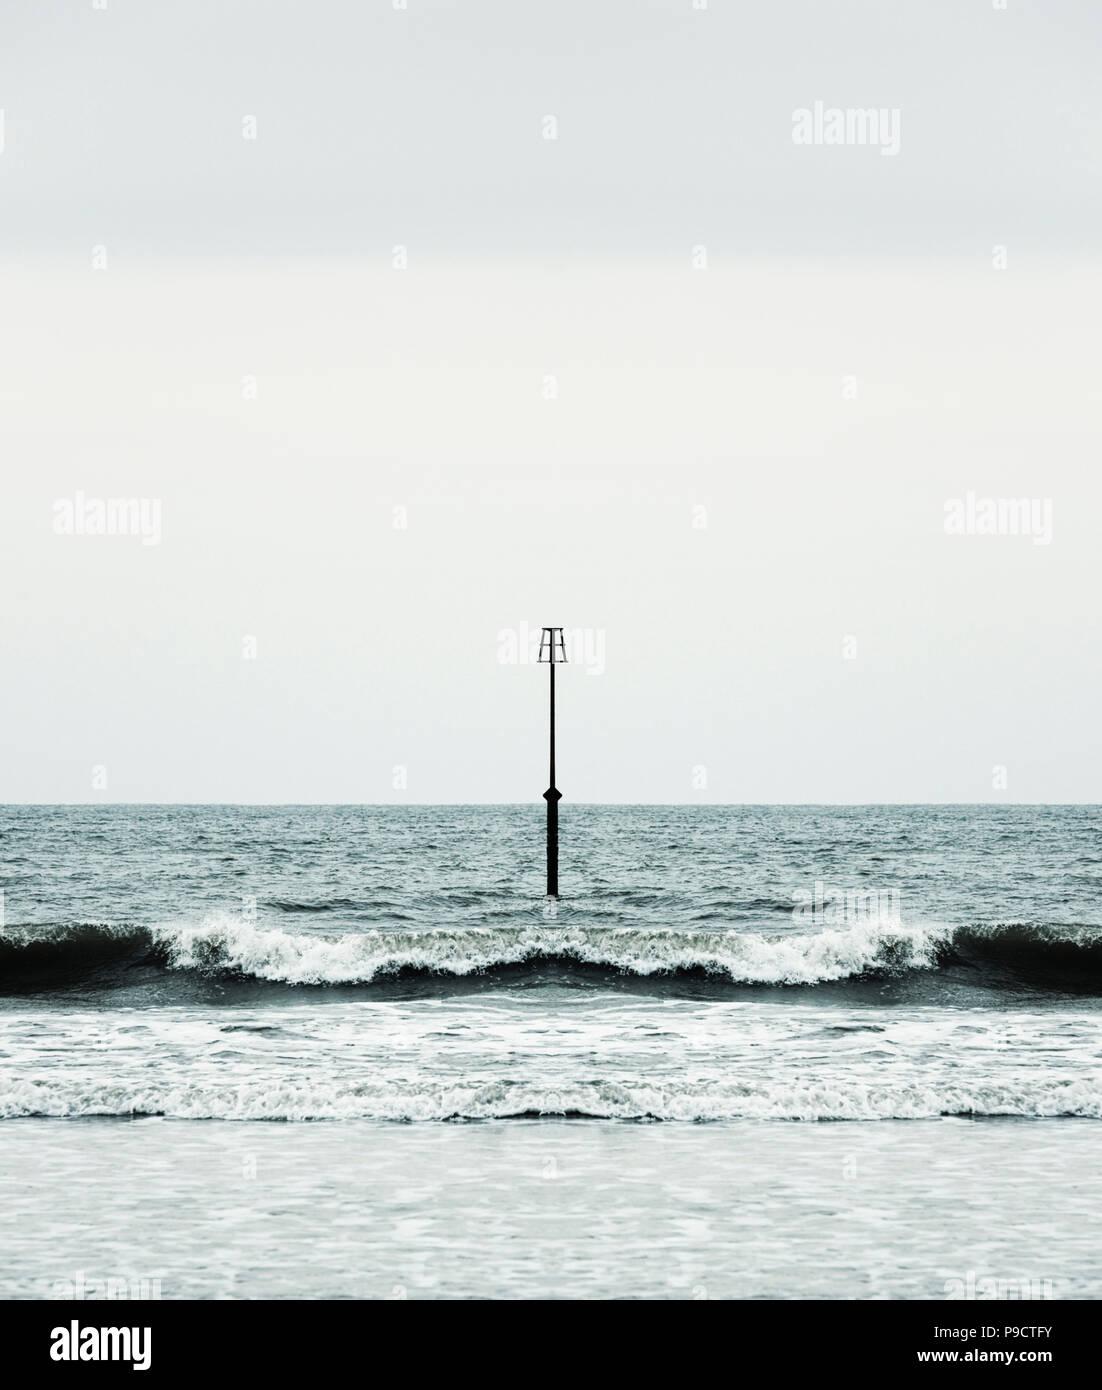 Olas y olas rompiendo en la playa alrededor de un espigón beacon, Inglaterra - Concepto de simetría Imagen De Stock